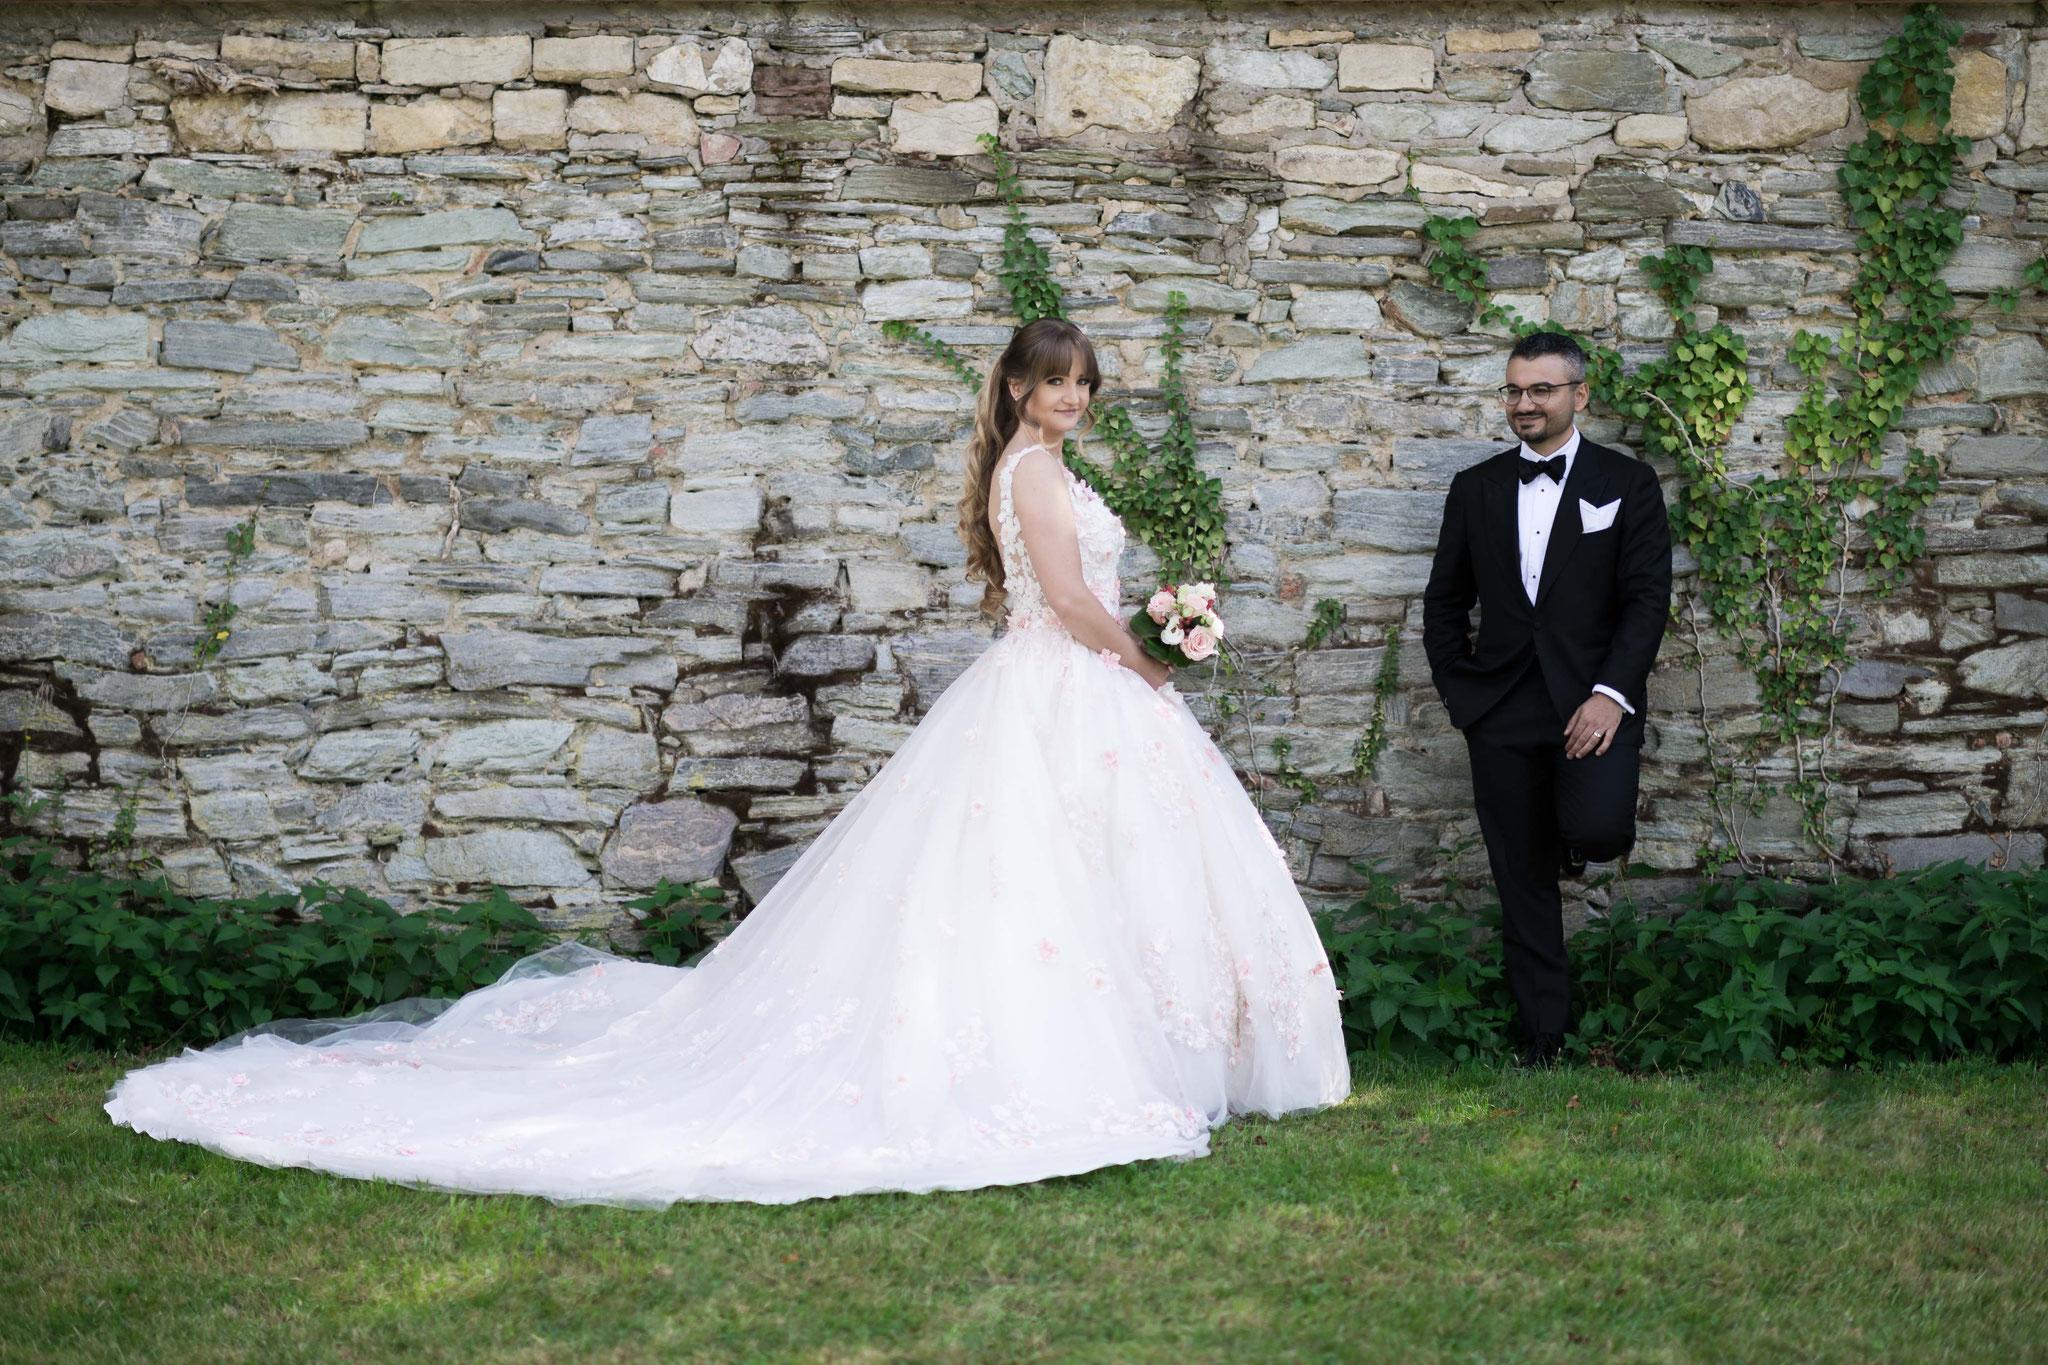 Professioneller Hochzeitsfotograf für Deutsch Arabische Hochzeiten in Frankfurt und Deutschlandweit